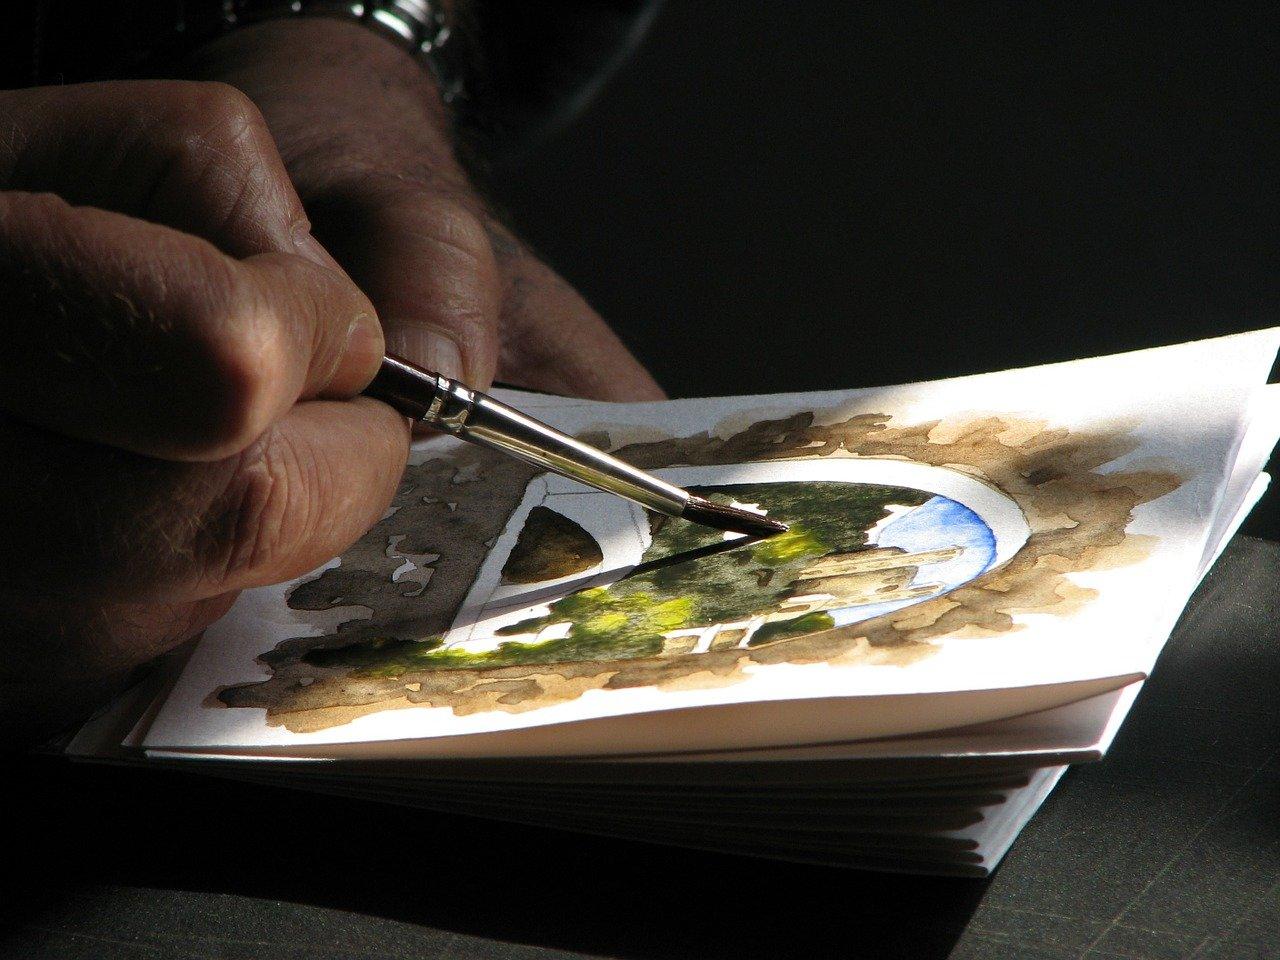 Beleuchtung beim Zeichnen